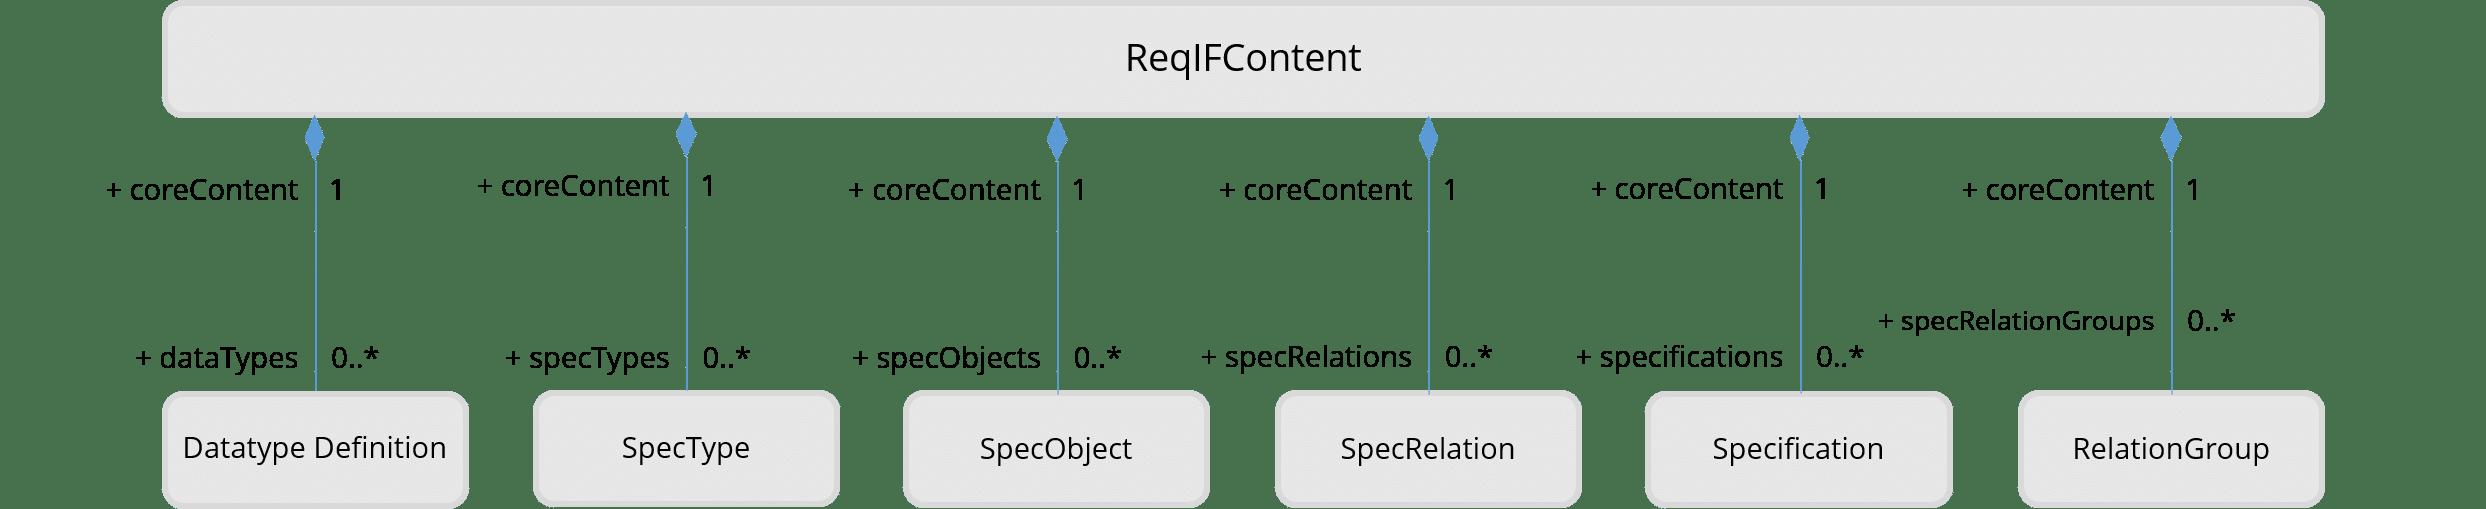 ReqIF-Datei: Aufbau von ReqIFContent